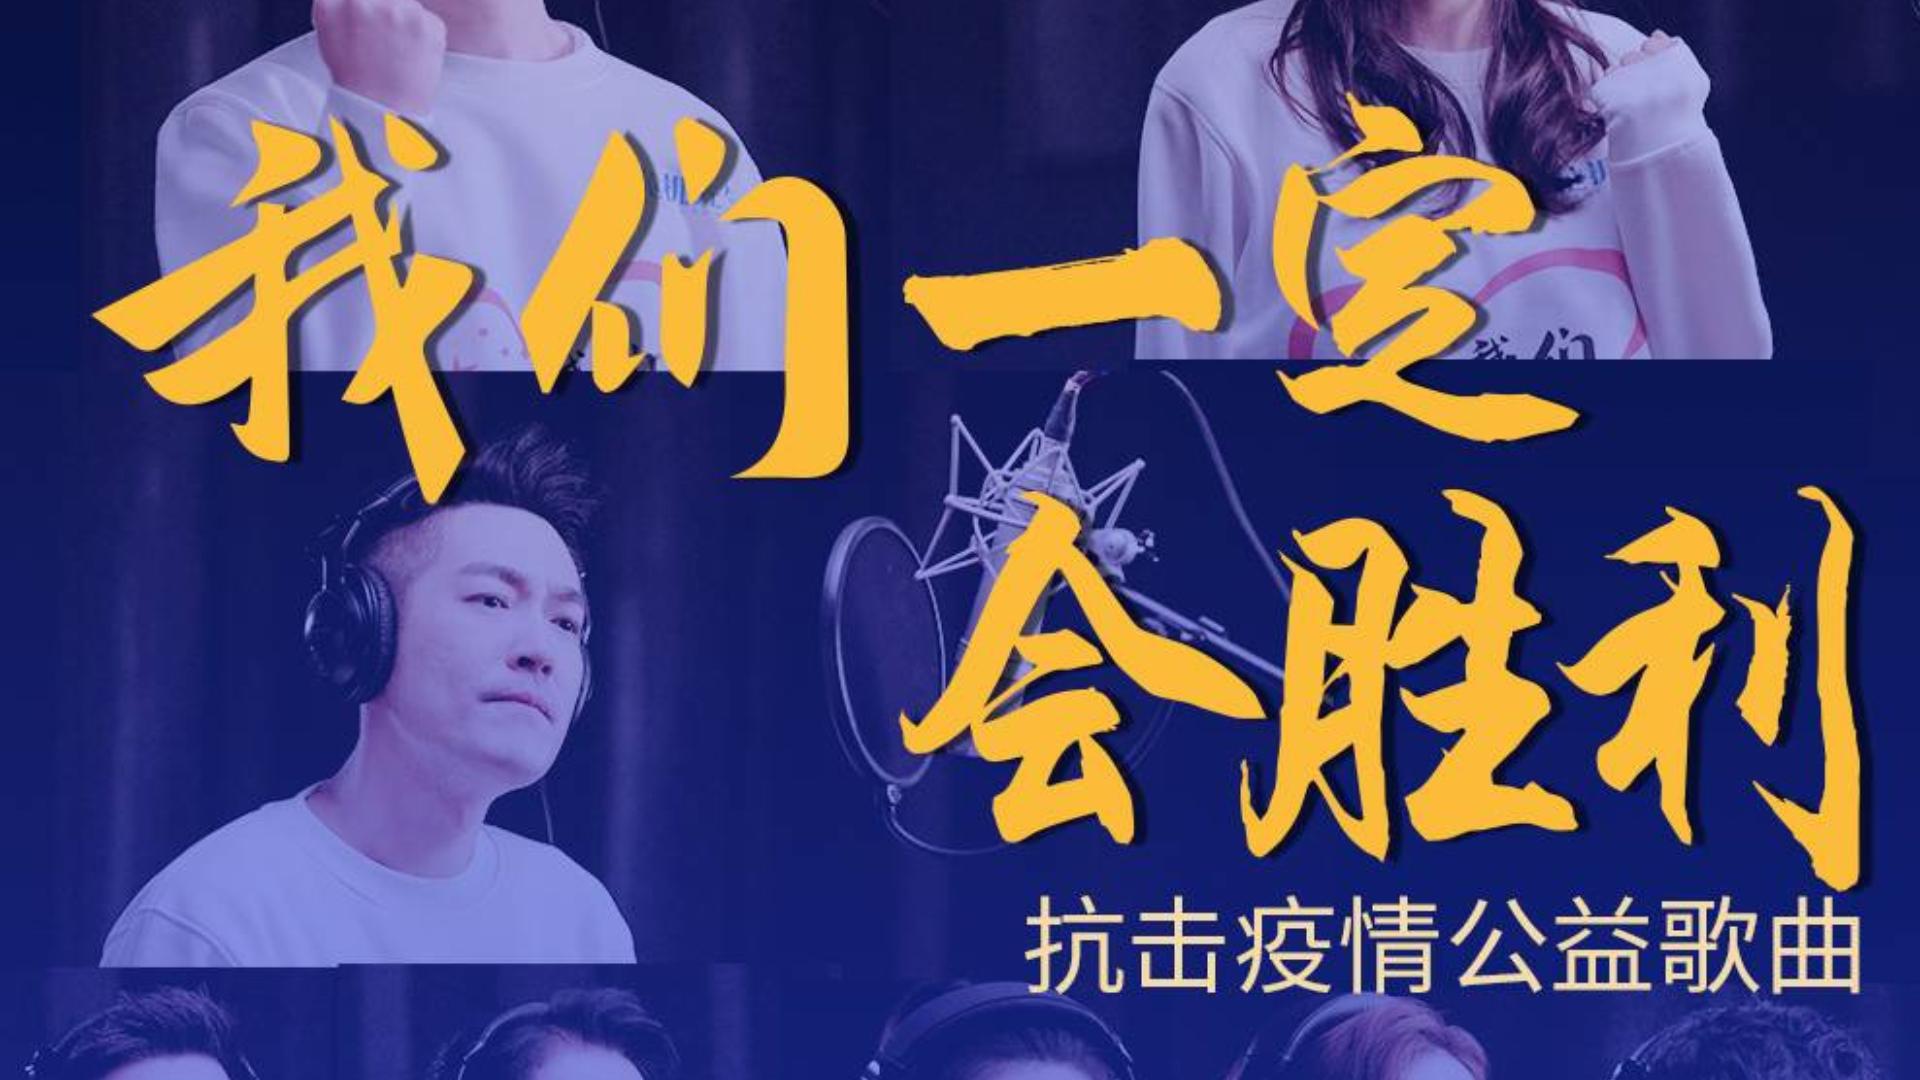 援武汉 首支群星抗疫公益歌曲《我们一定会胜利》发布